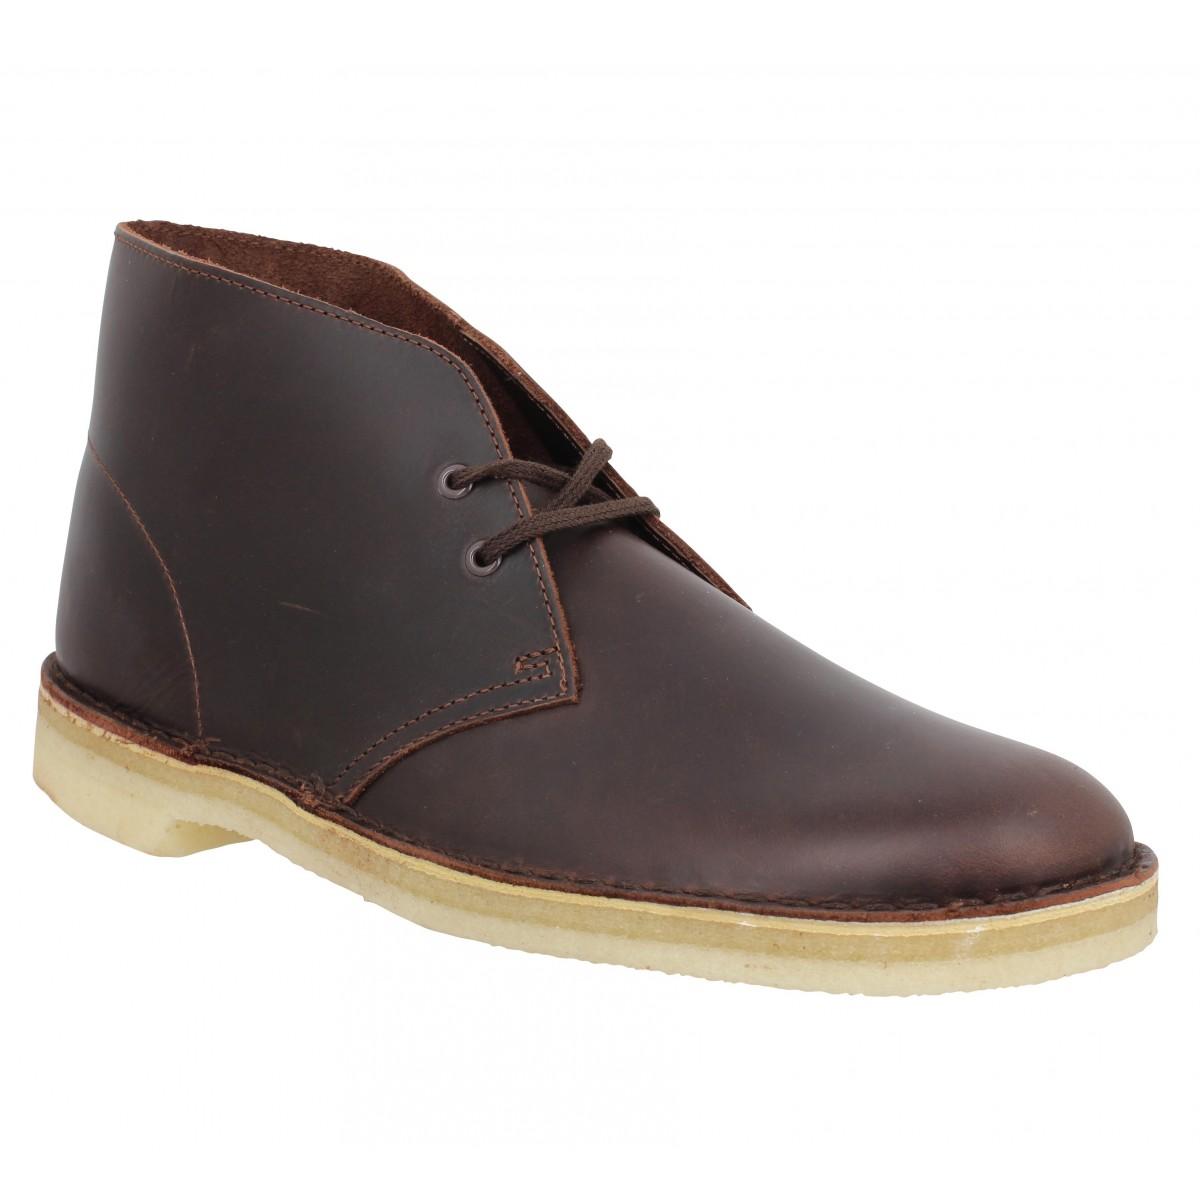 Bottines CLARKS ORIGINALS Desert Boot cuir Homme Chestnut